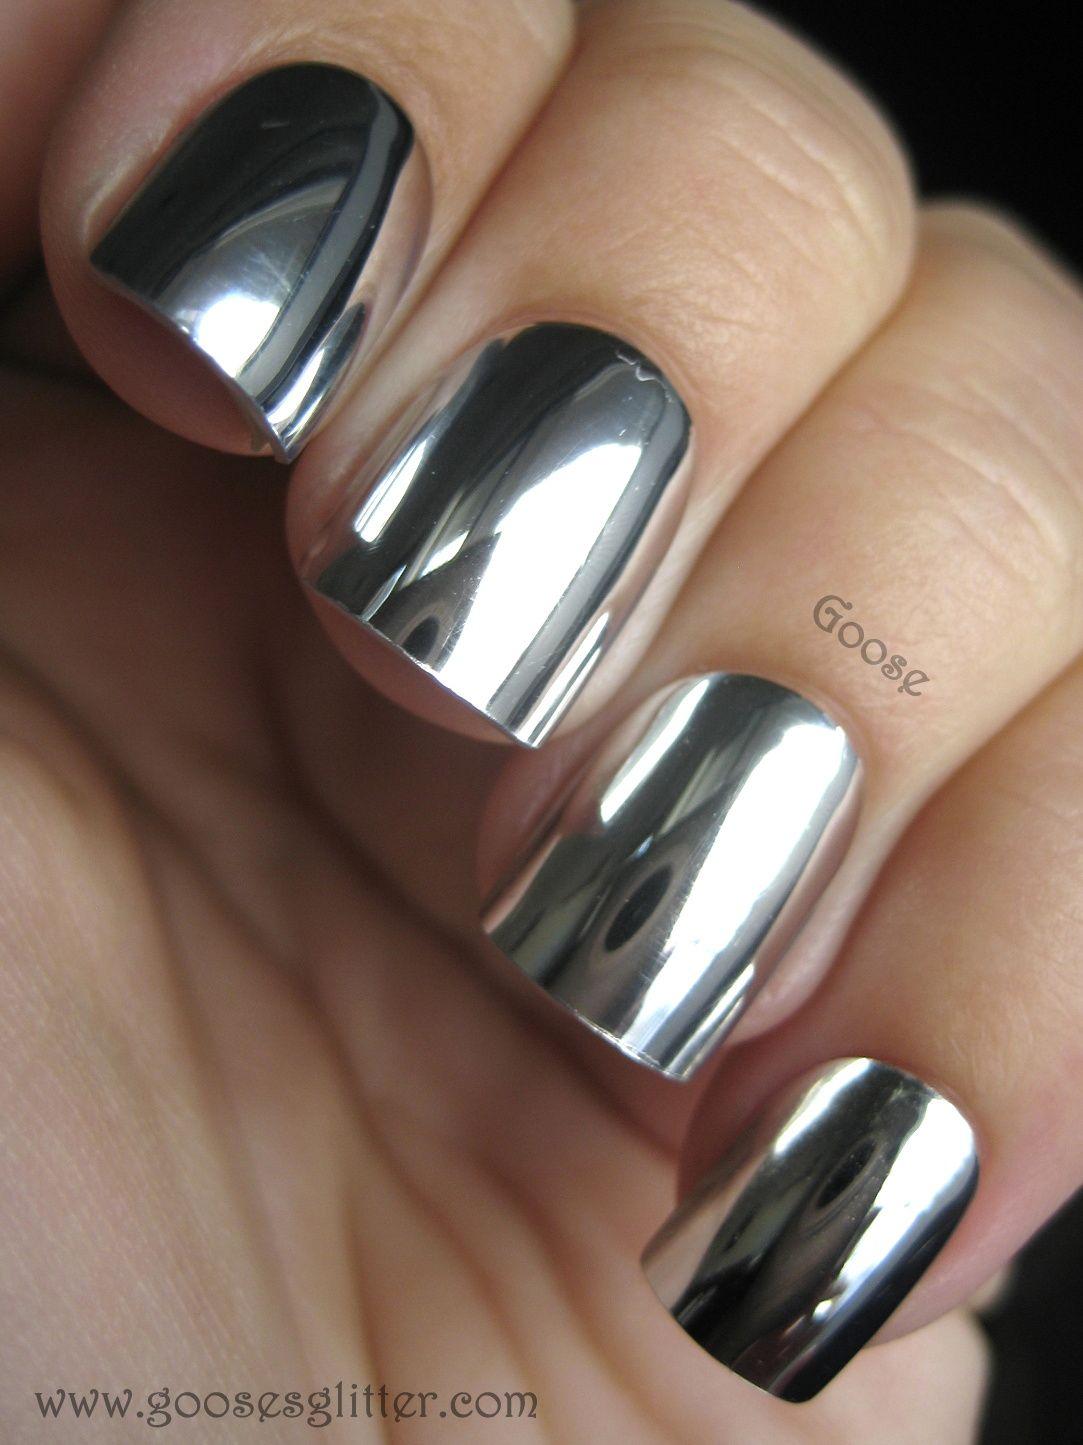 Gooseus glitter mirror nails day review posh polish